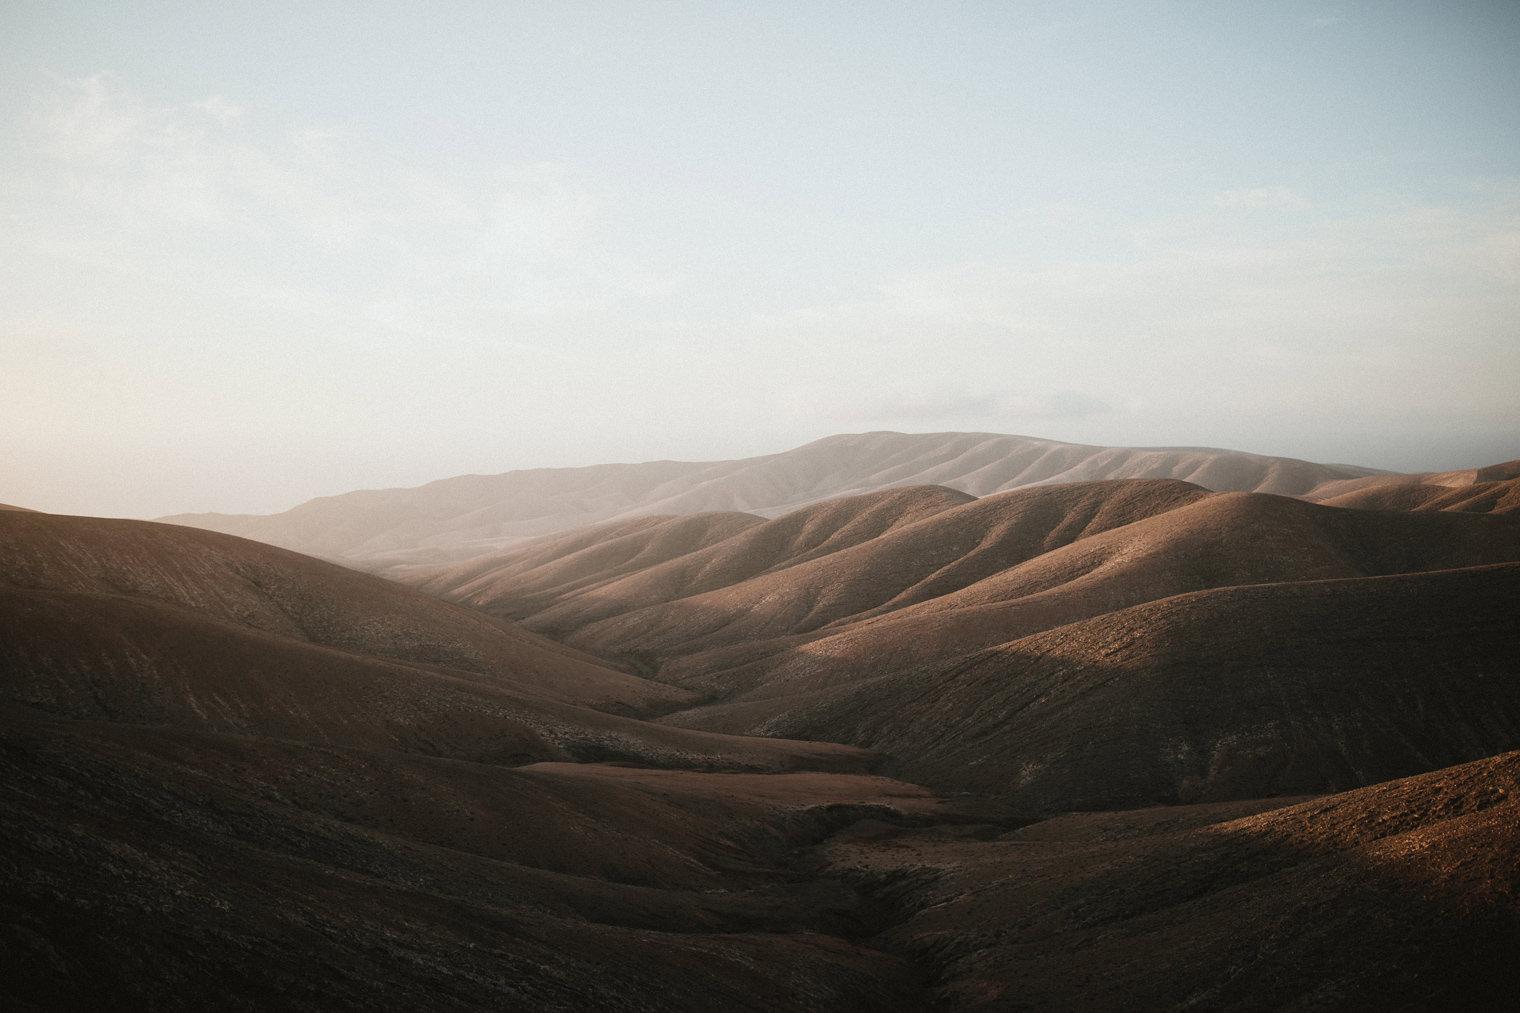 Sun on the hills in Fuerteventura